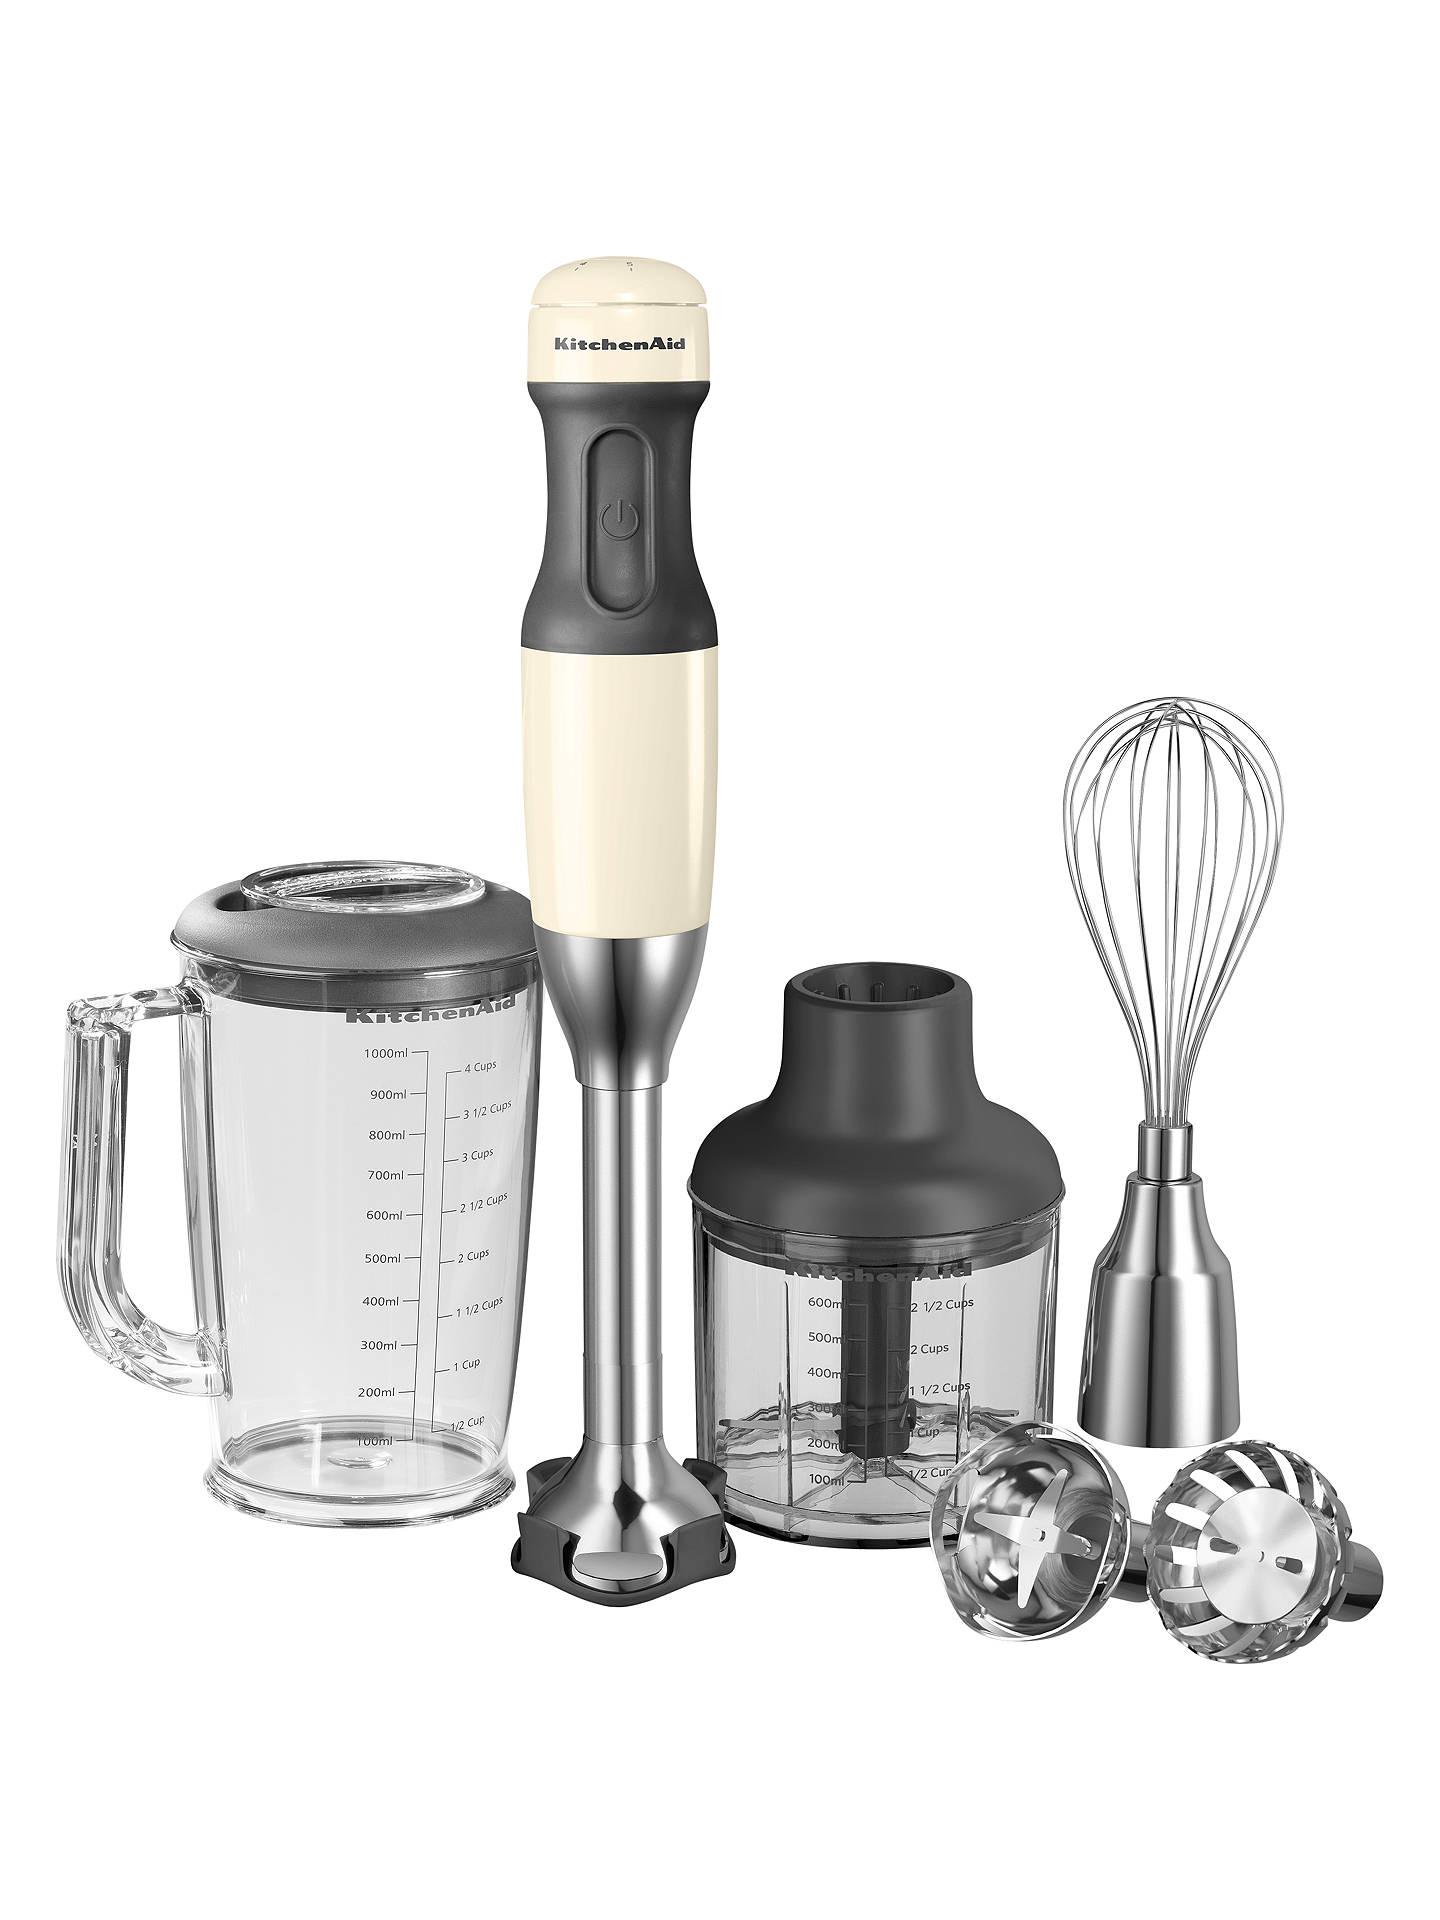 Kitchenaid Hand Blender Almond Cream Online At Johnlewis Com